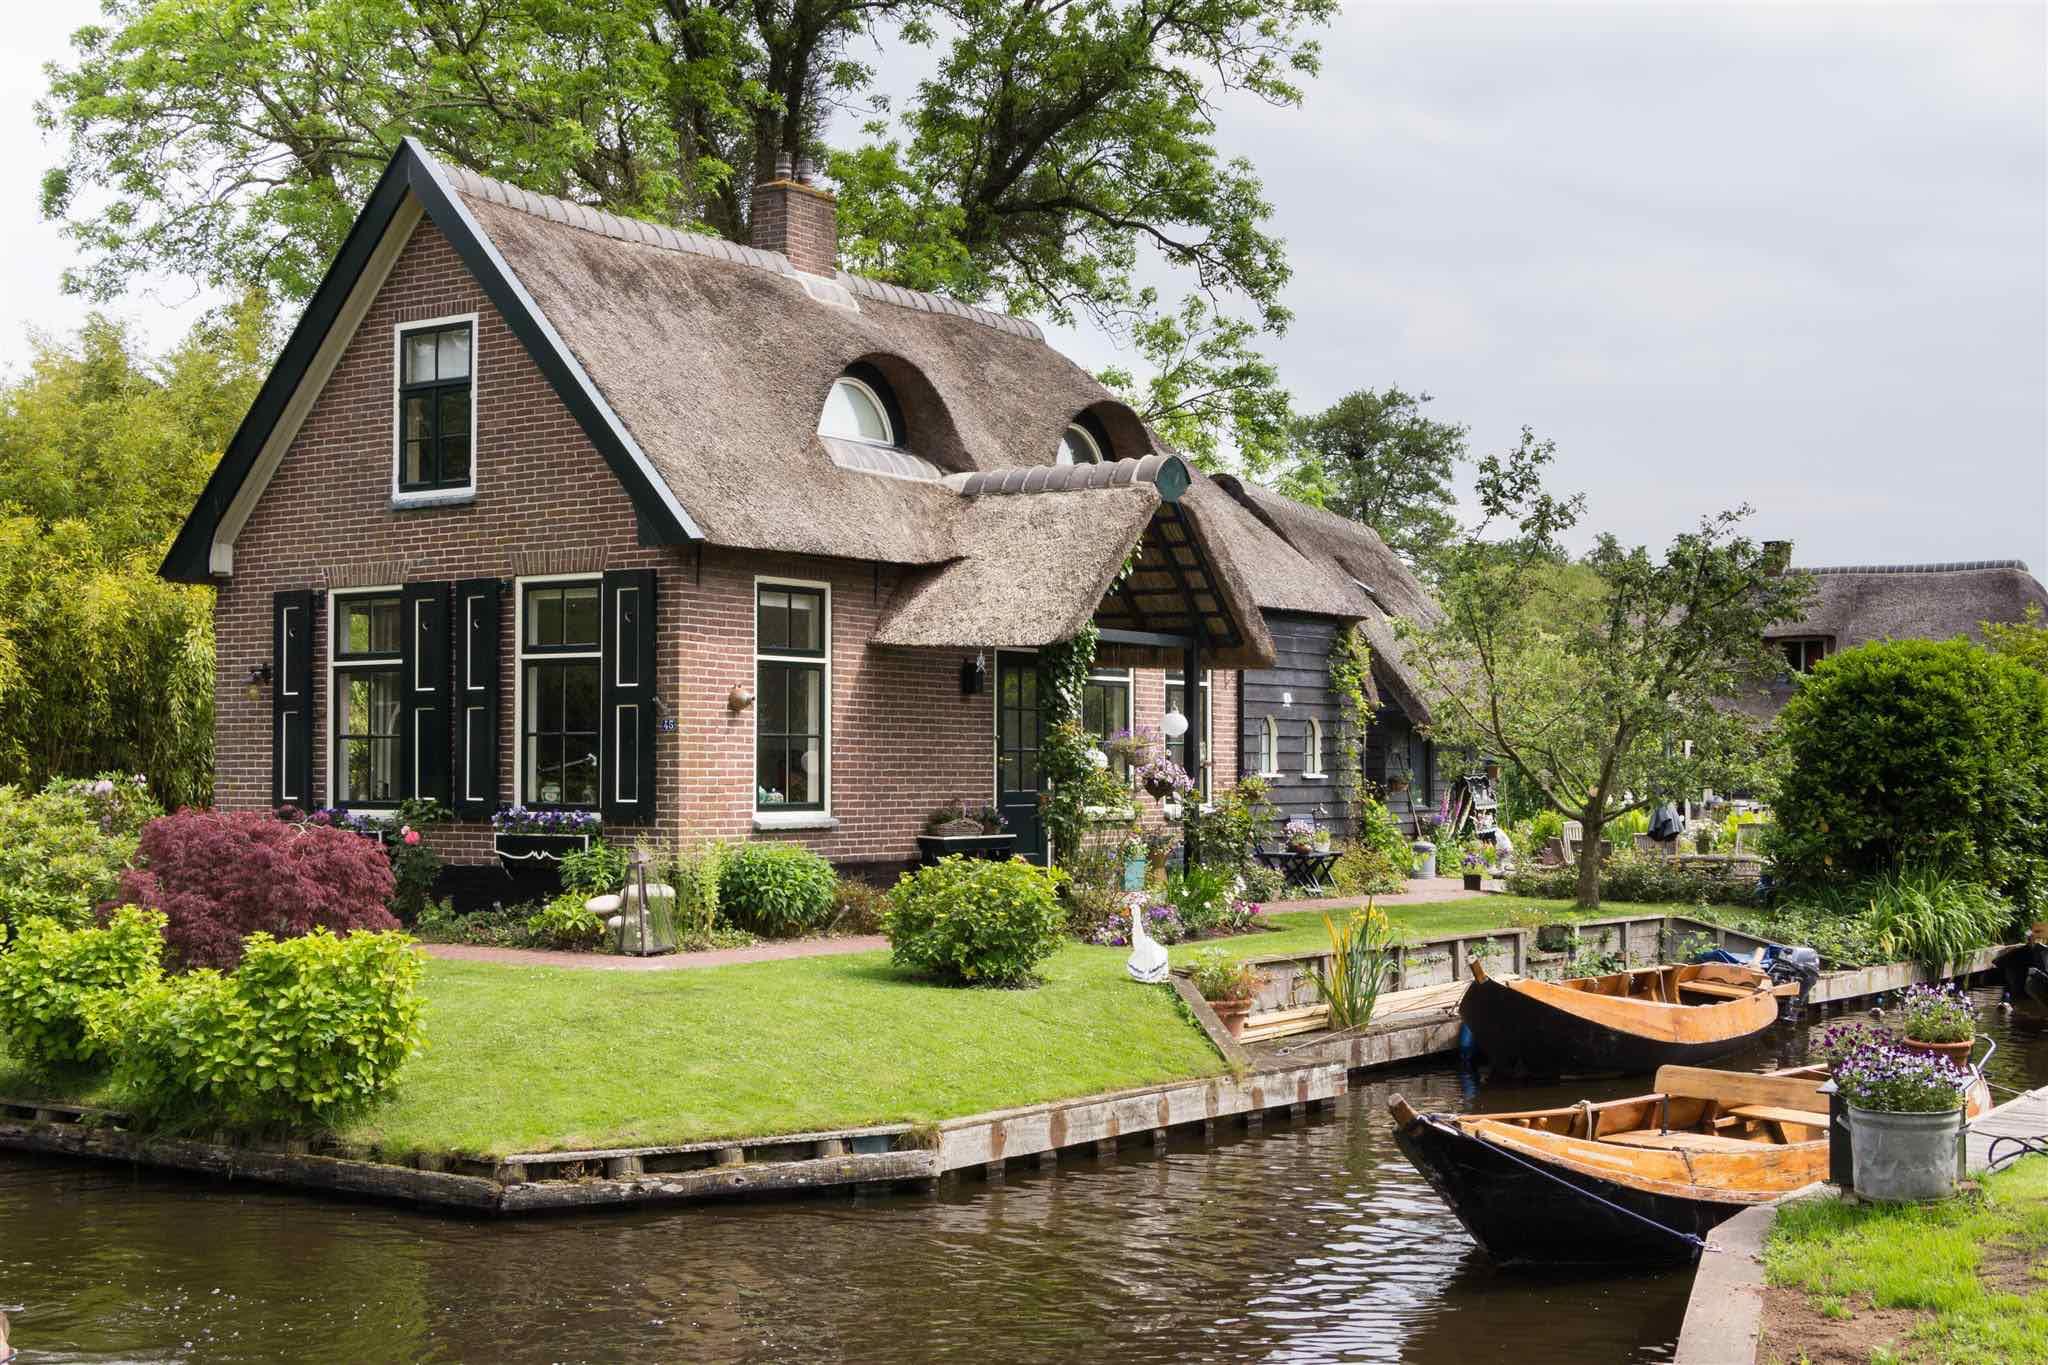 L'Olanda è meta virtuosa per quanto riguarda piste ciclabili e turismo sostenibile. Nimega è stata eletta capitale verde europea 2018